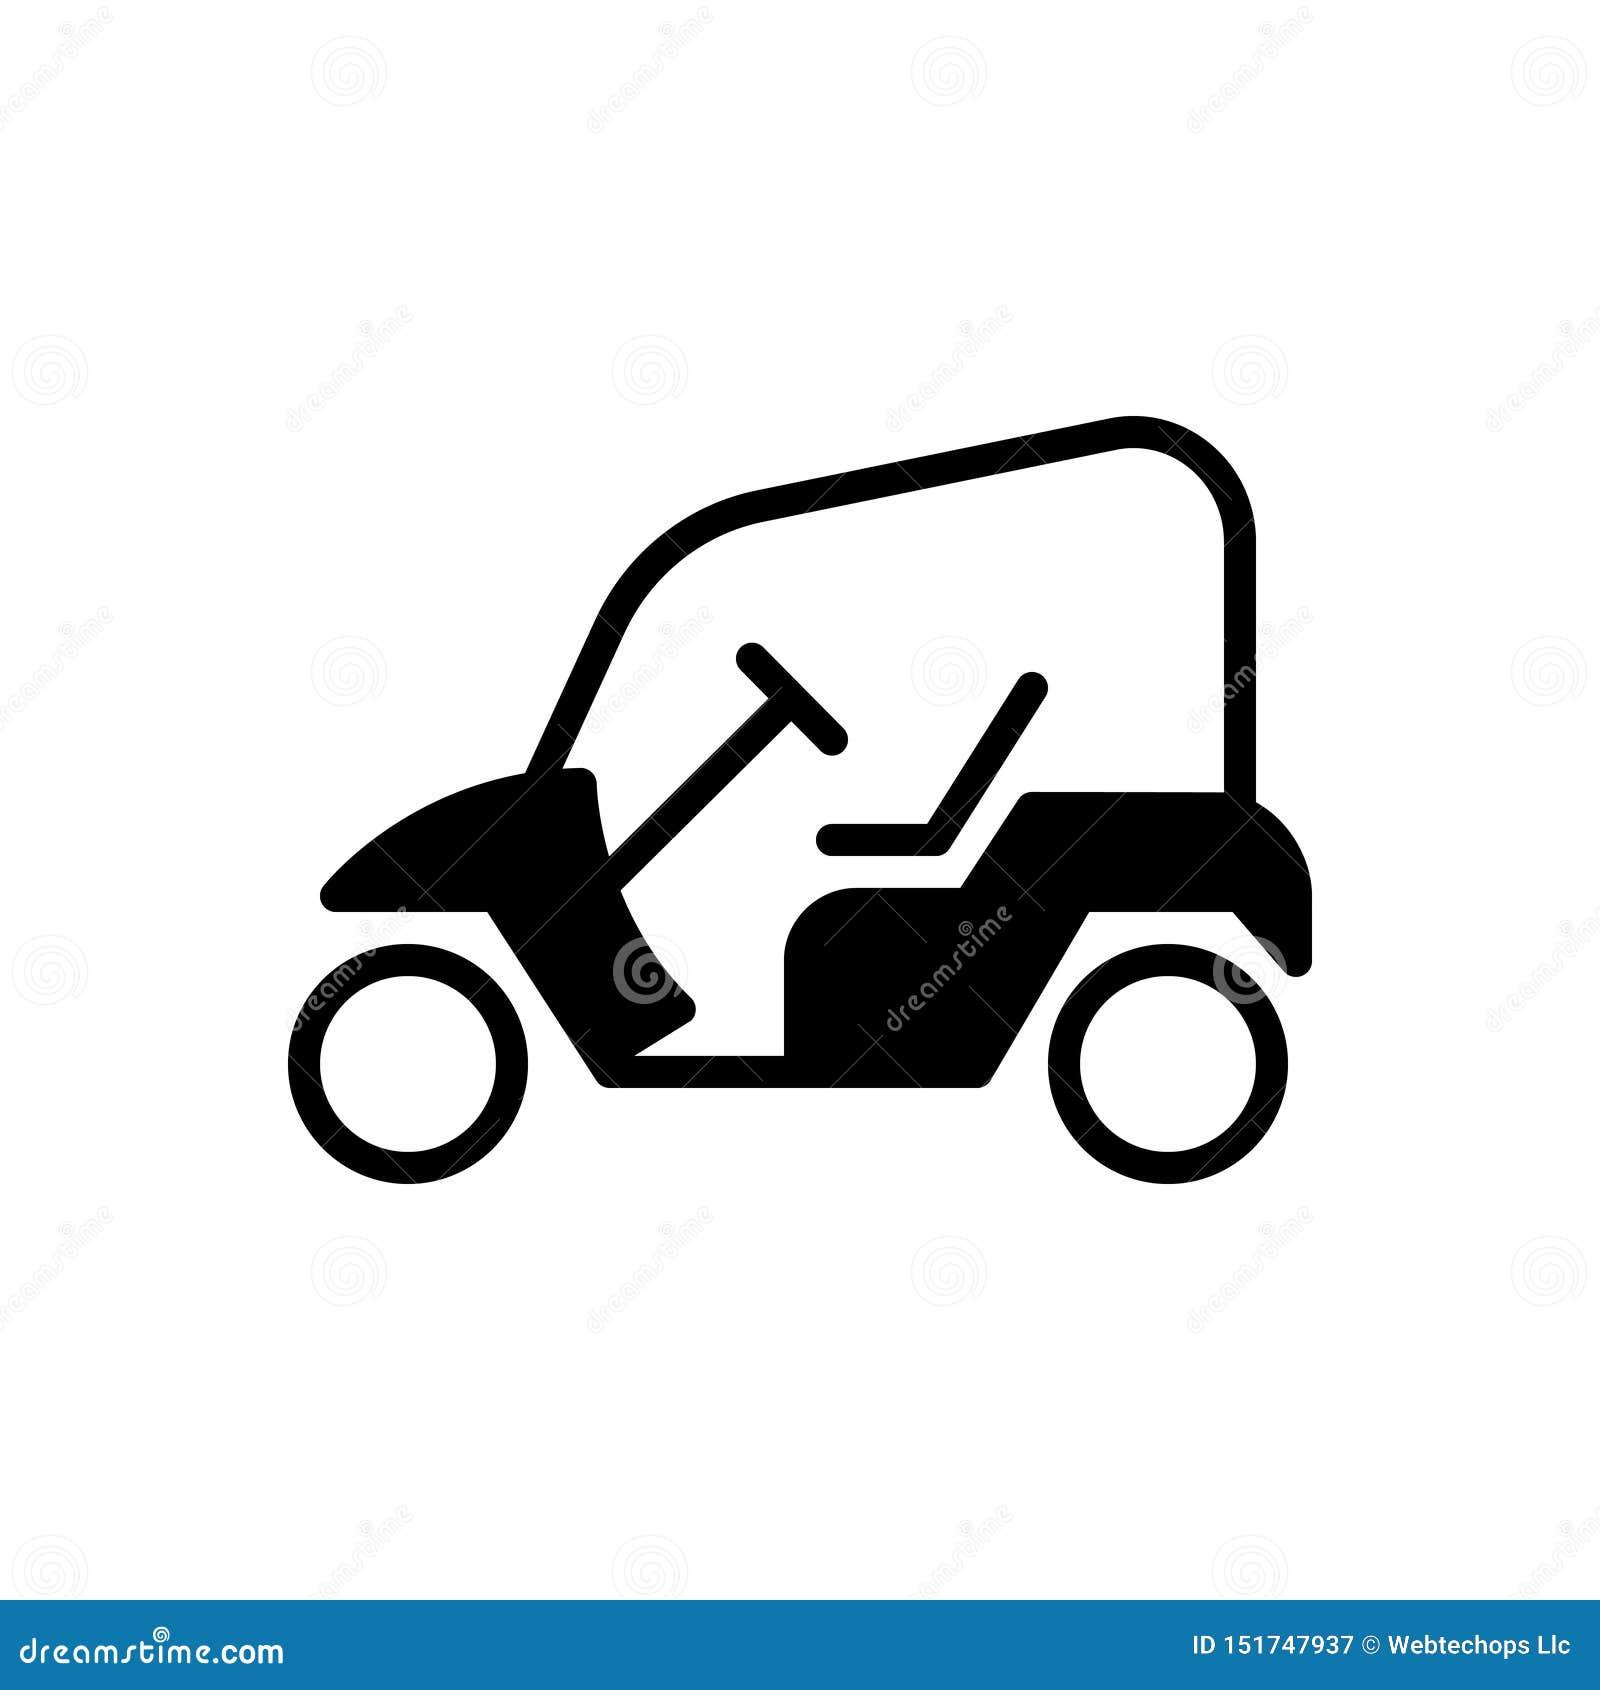 Icona solida nera per il carretto di golf, aperta ed elettrica